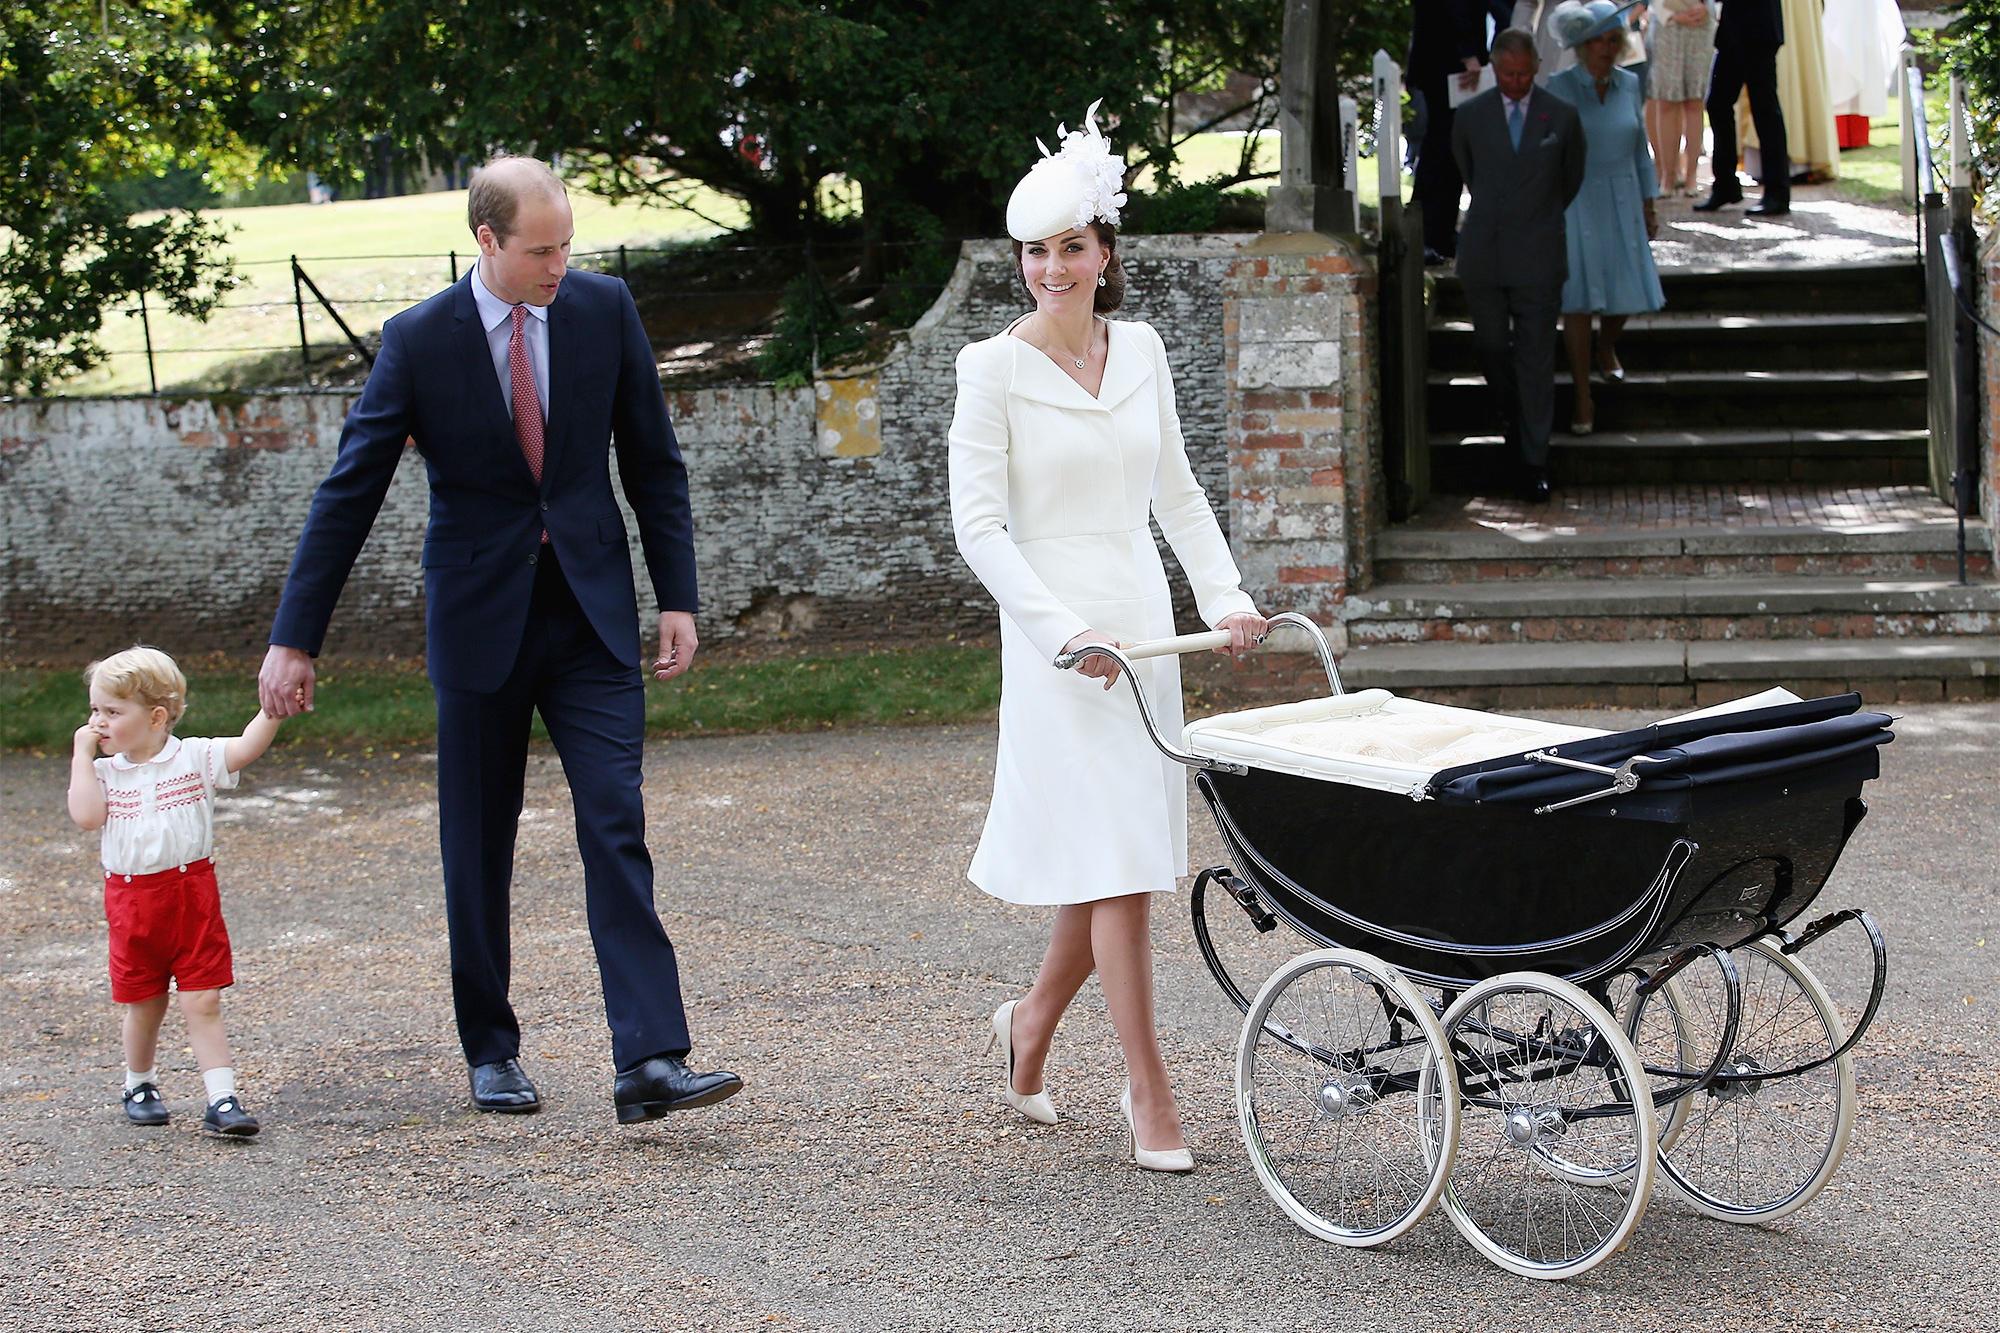 Kate Middleton pushing a stroller in heels